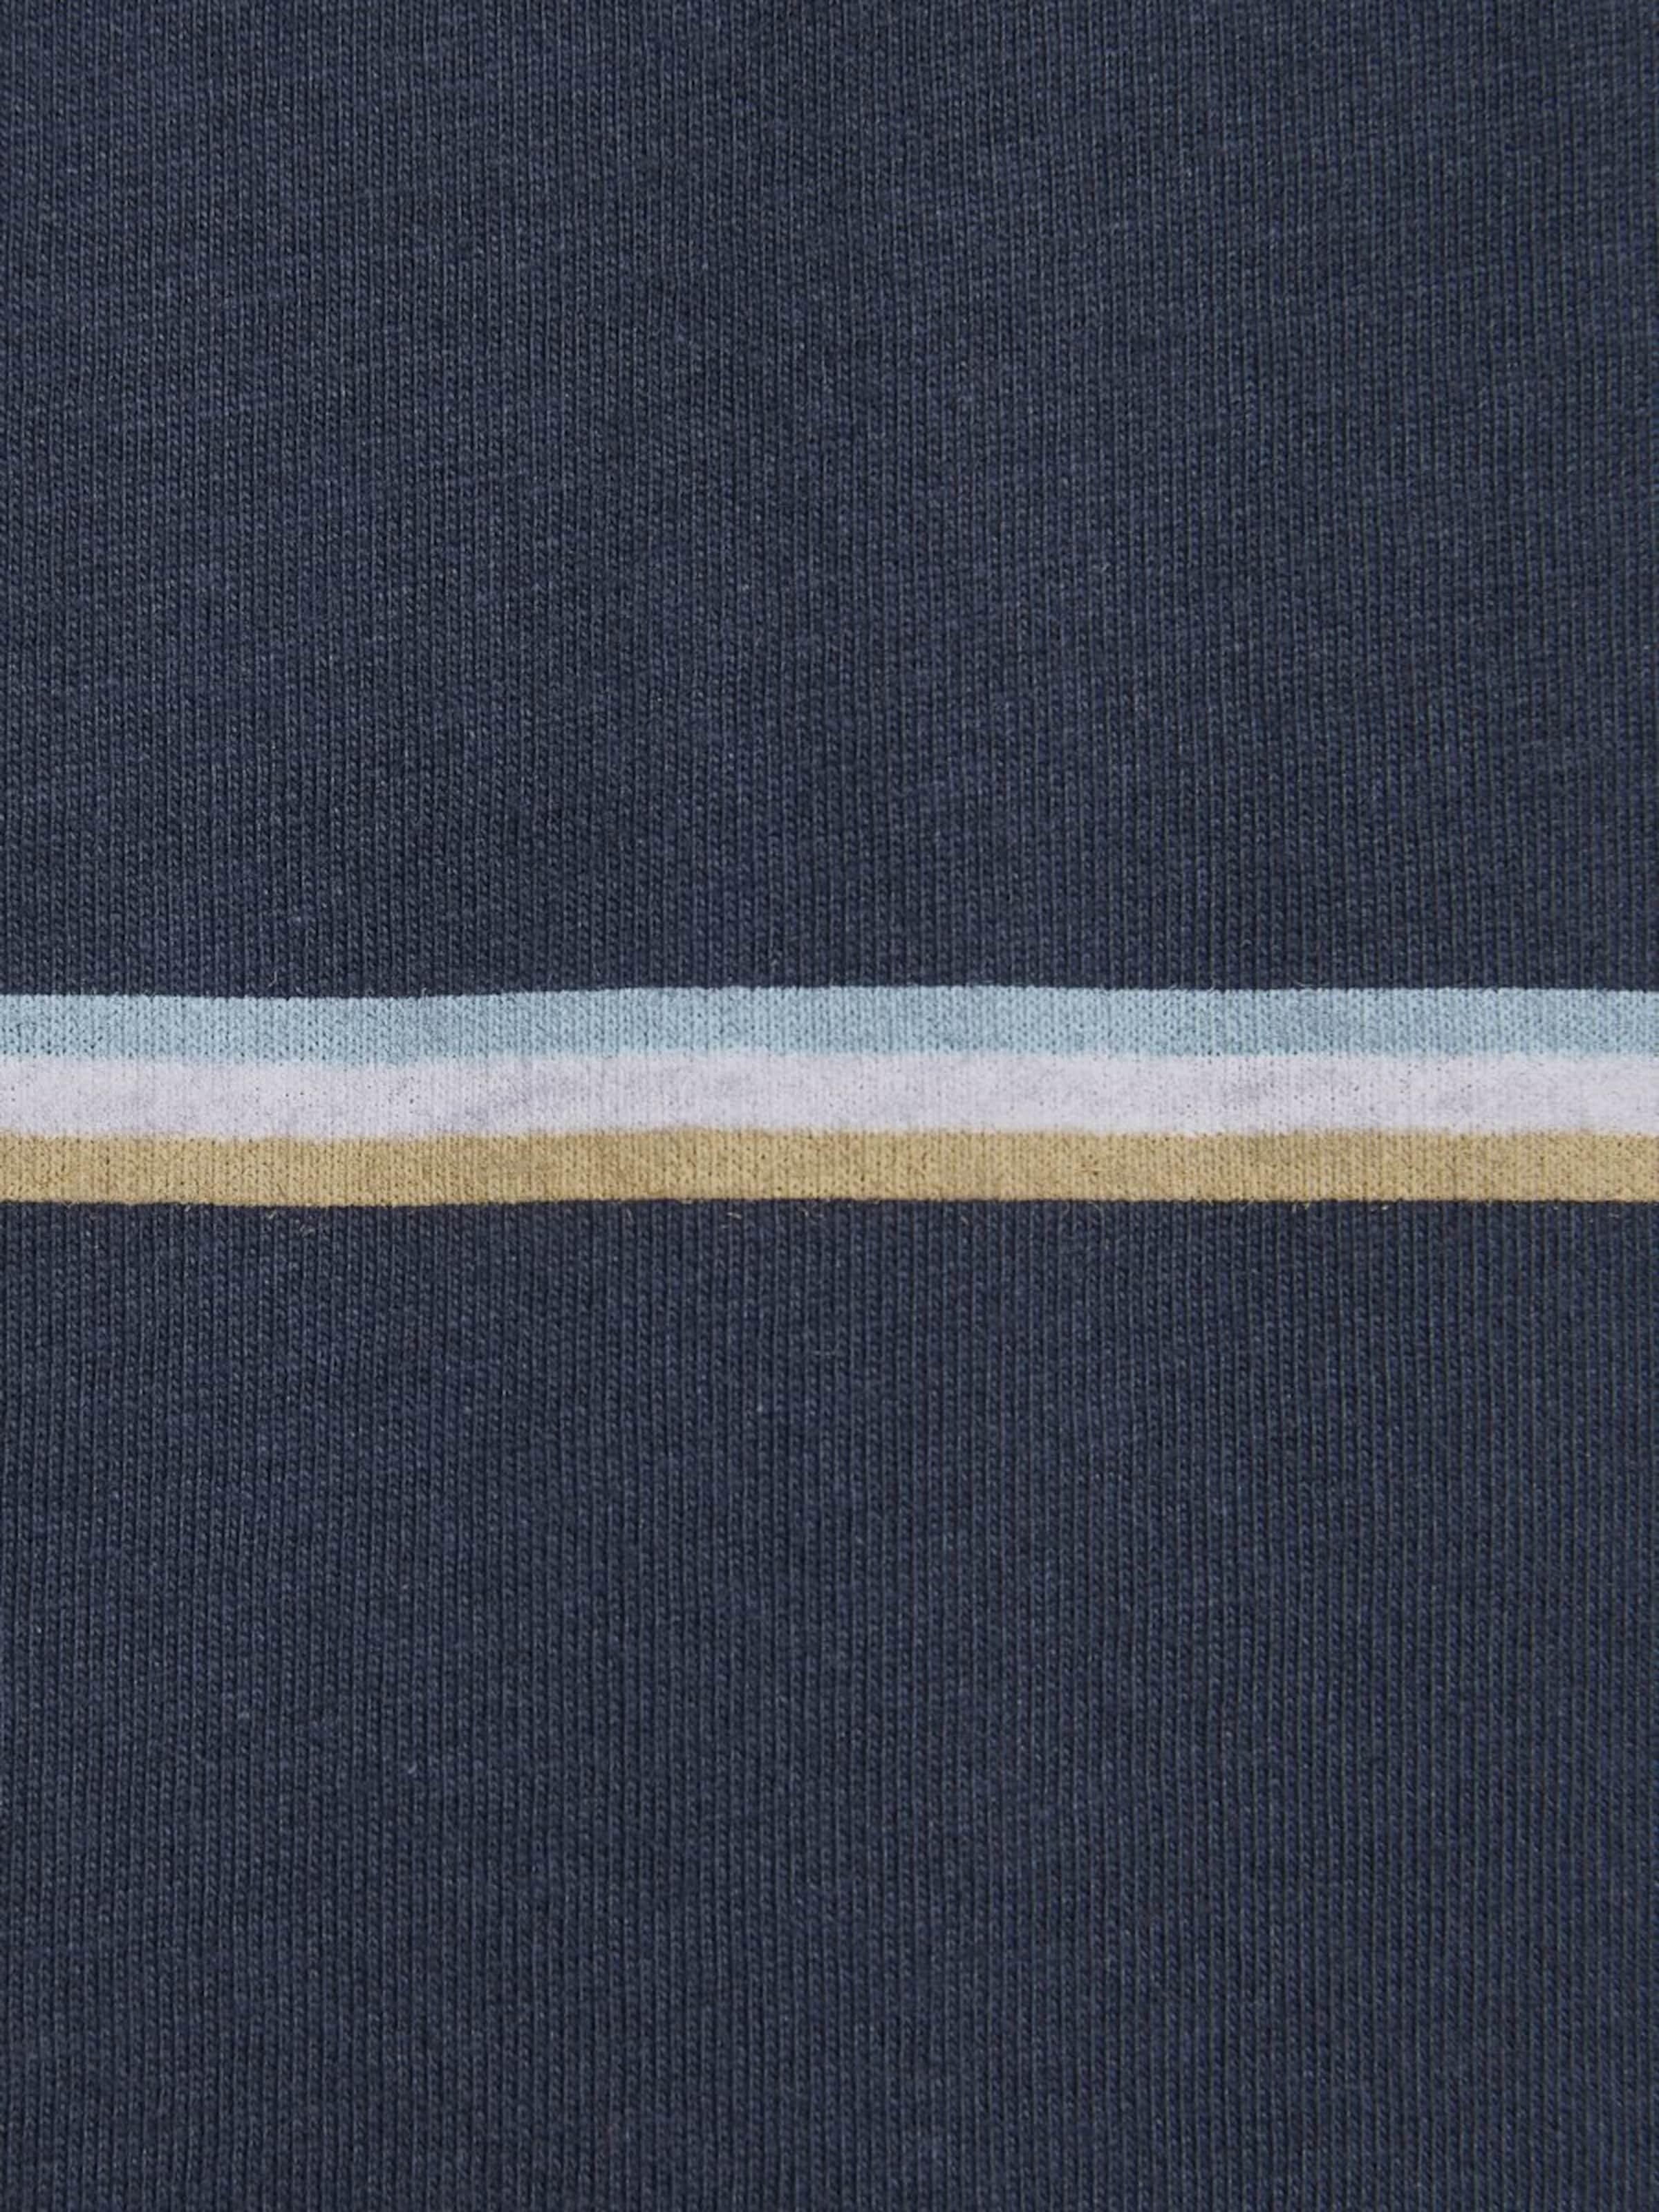 Blanc T shirt Citron VertRouge Jones Naturel Noir Rouille Jackamp; En E29IHWD